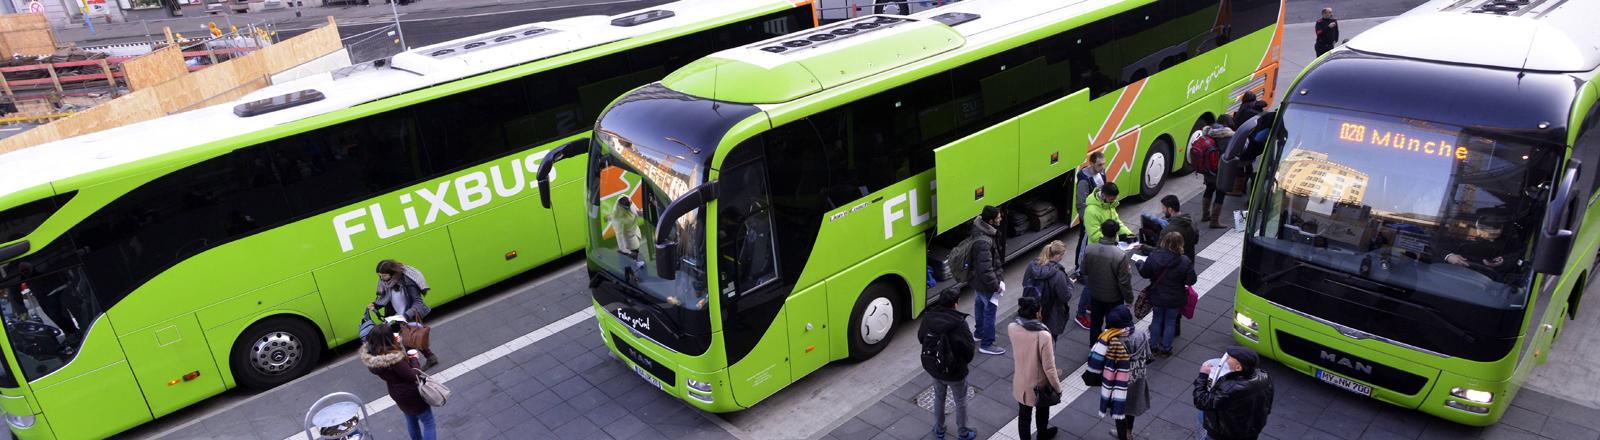 Busse von Flixbus